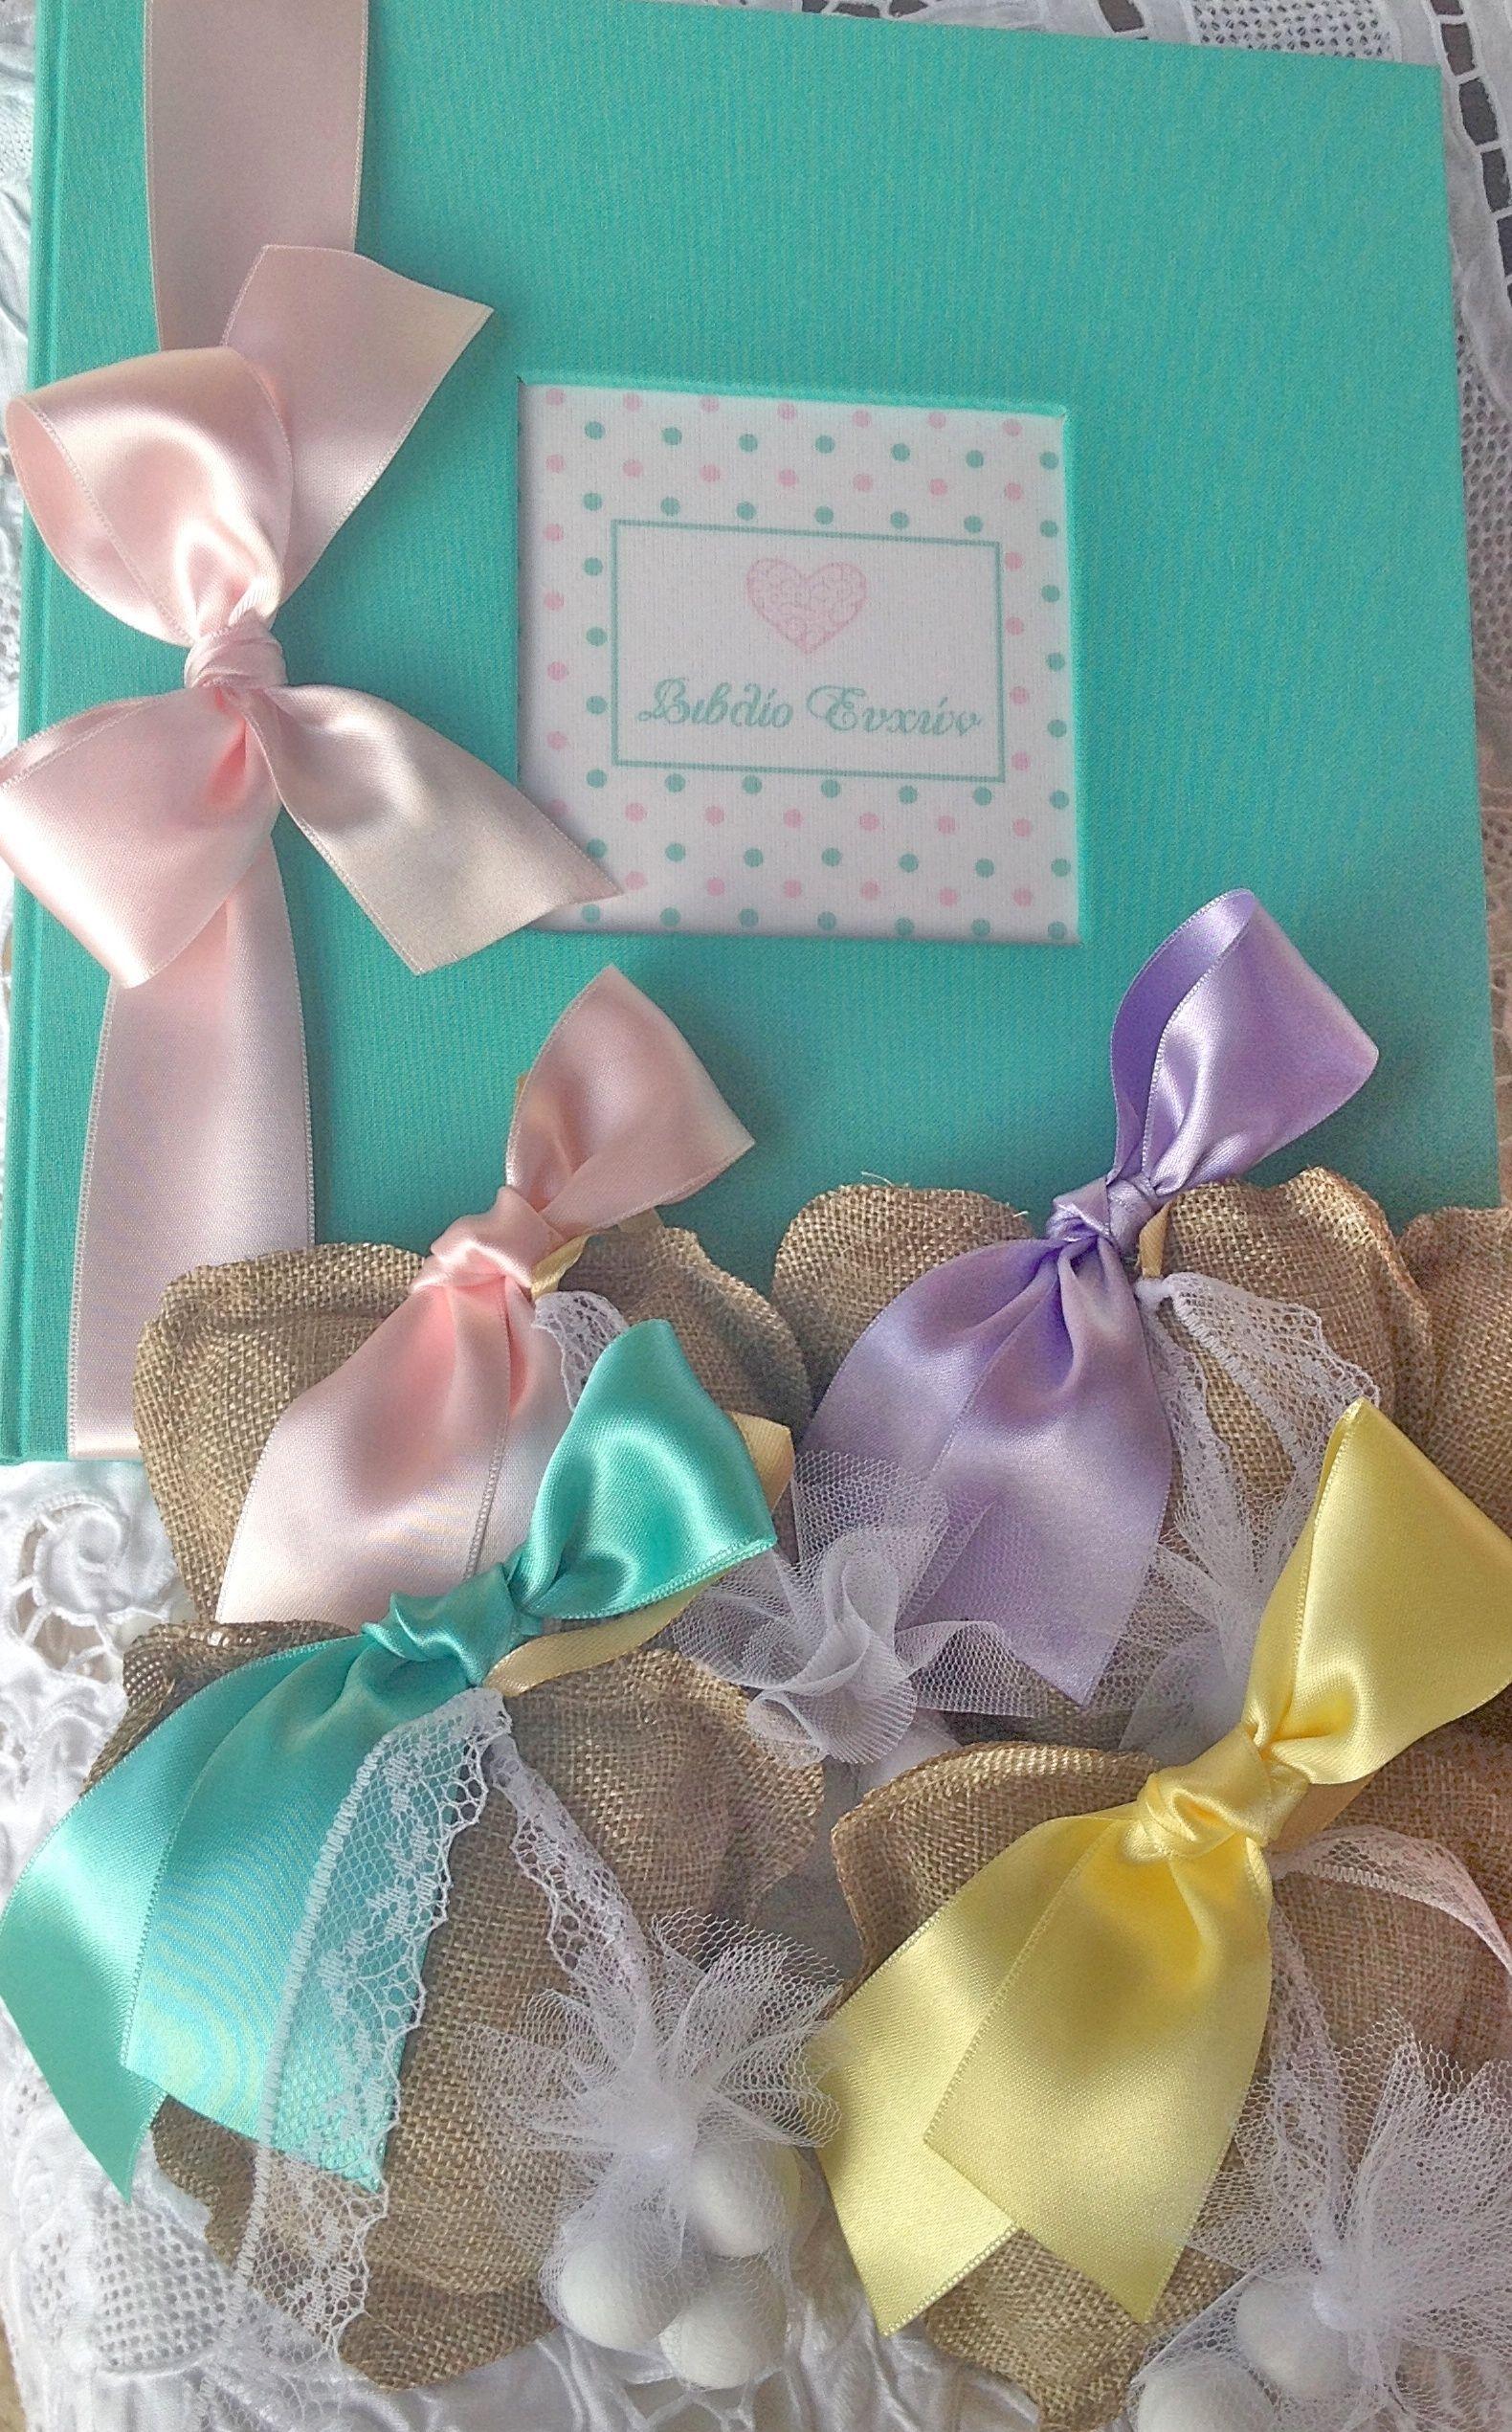 #μπομπονιερες βαπτισης μαξιλαράκι καρδιά με 4 παστελ χρώματα κορδέλας και δαντέλα